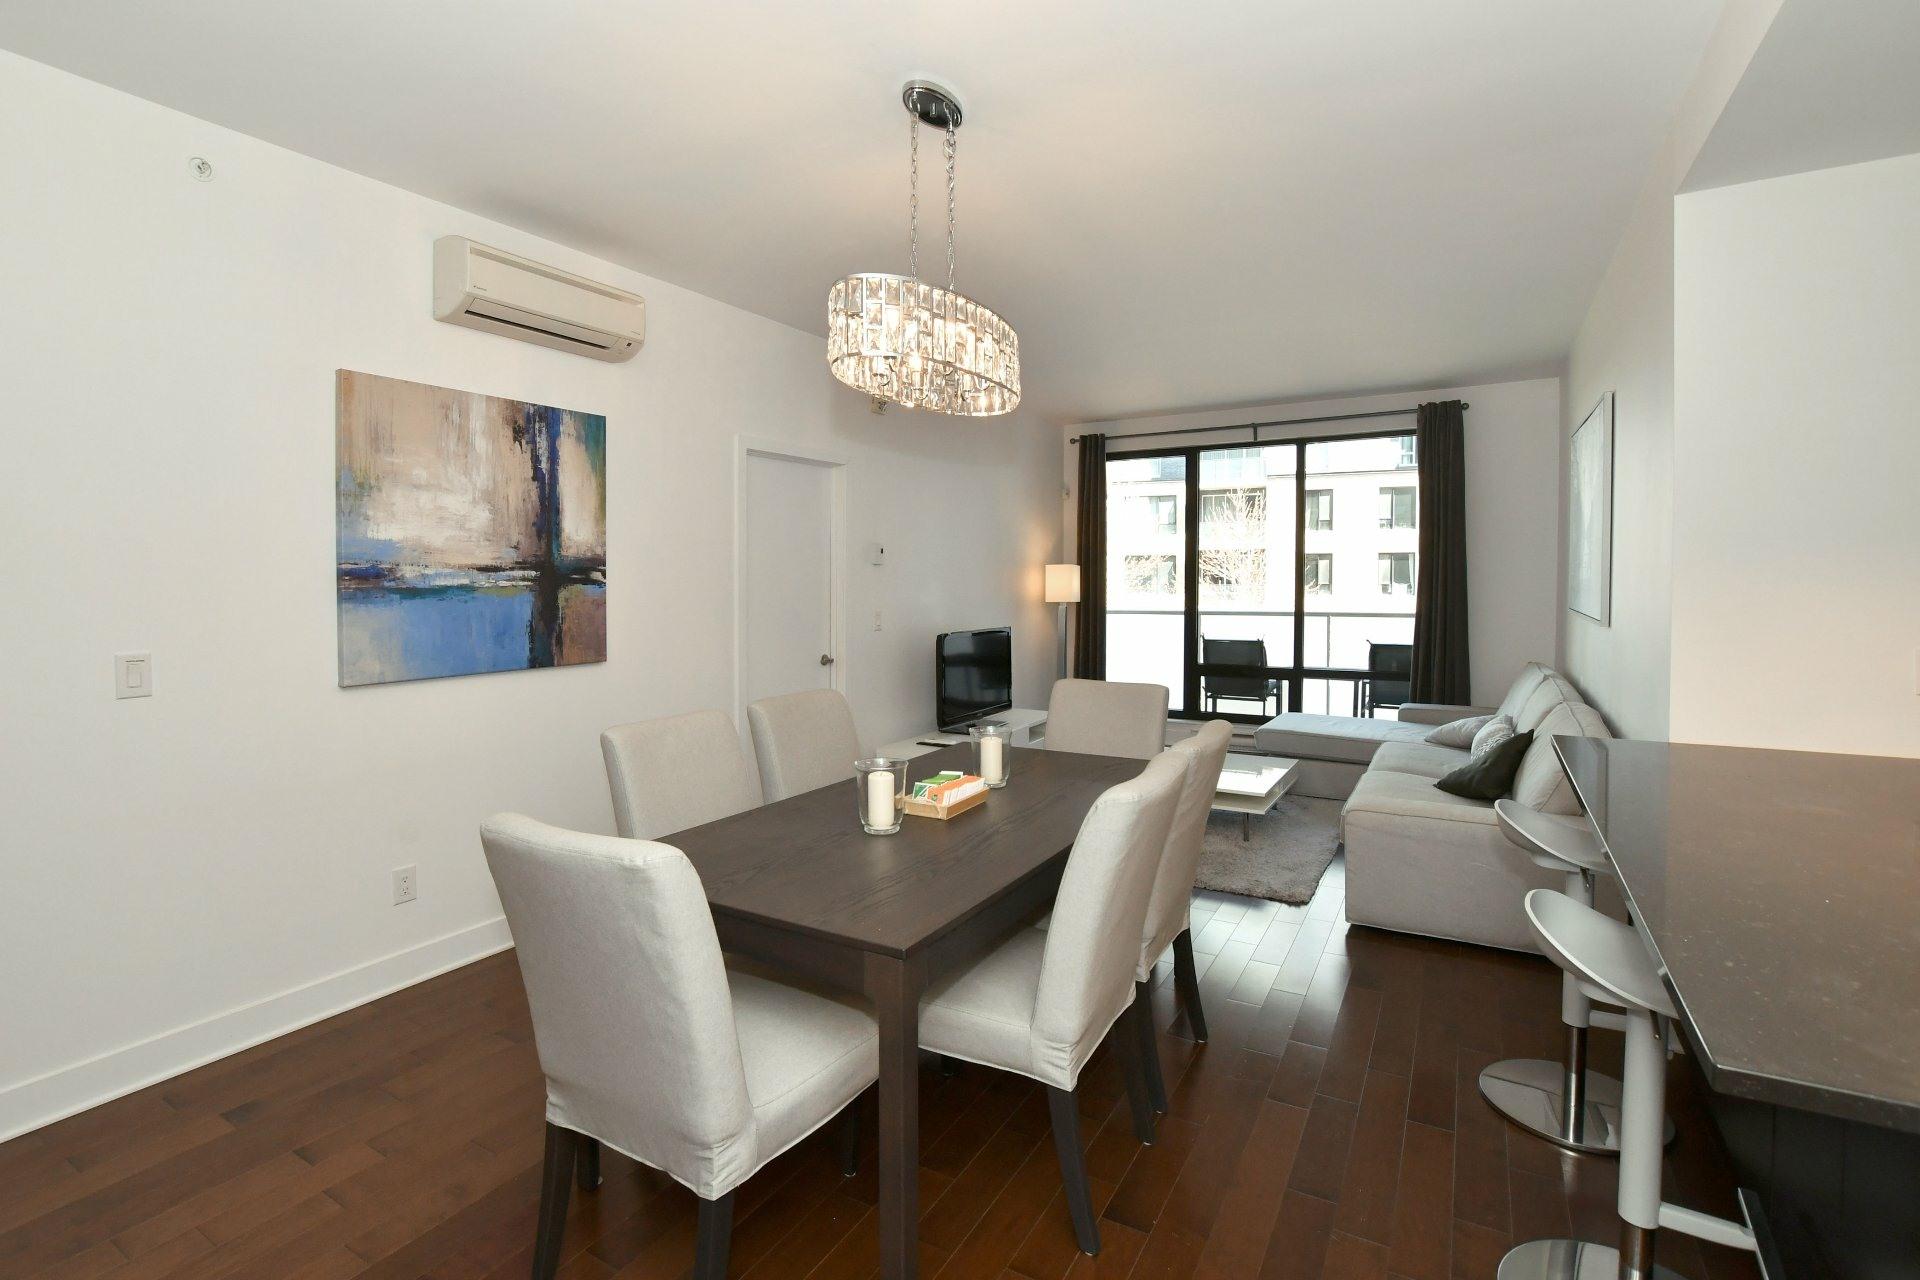 image 6 - Apartment For rent Côte-des-Neiges/Notre-Dame-de-Grâce Montréal  - 4 rooms